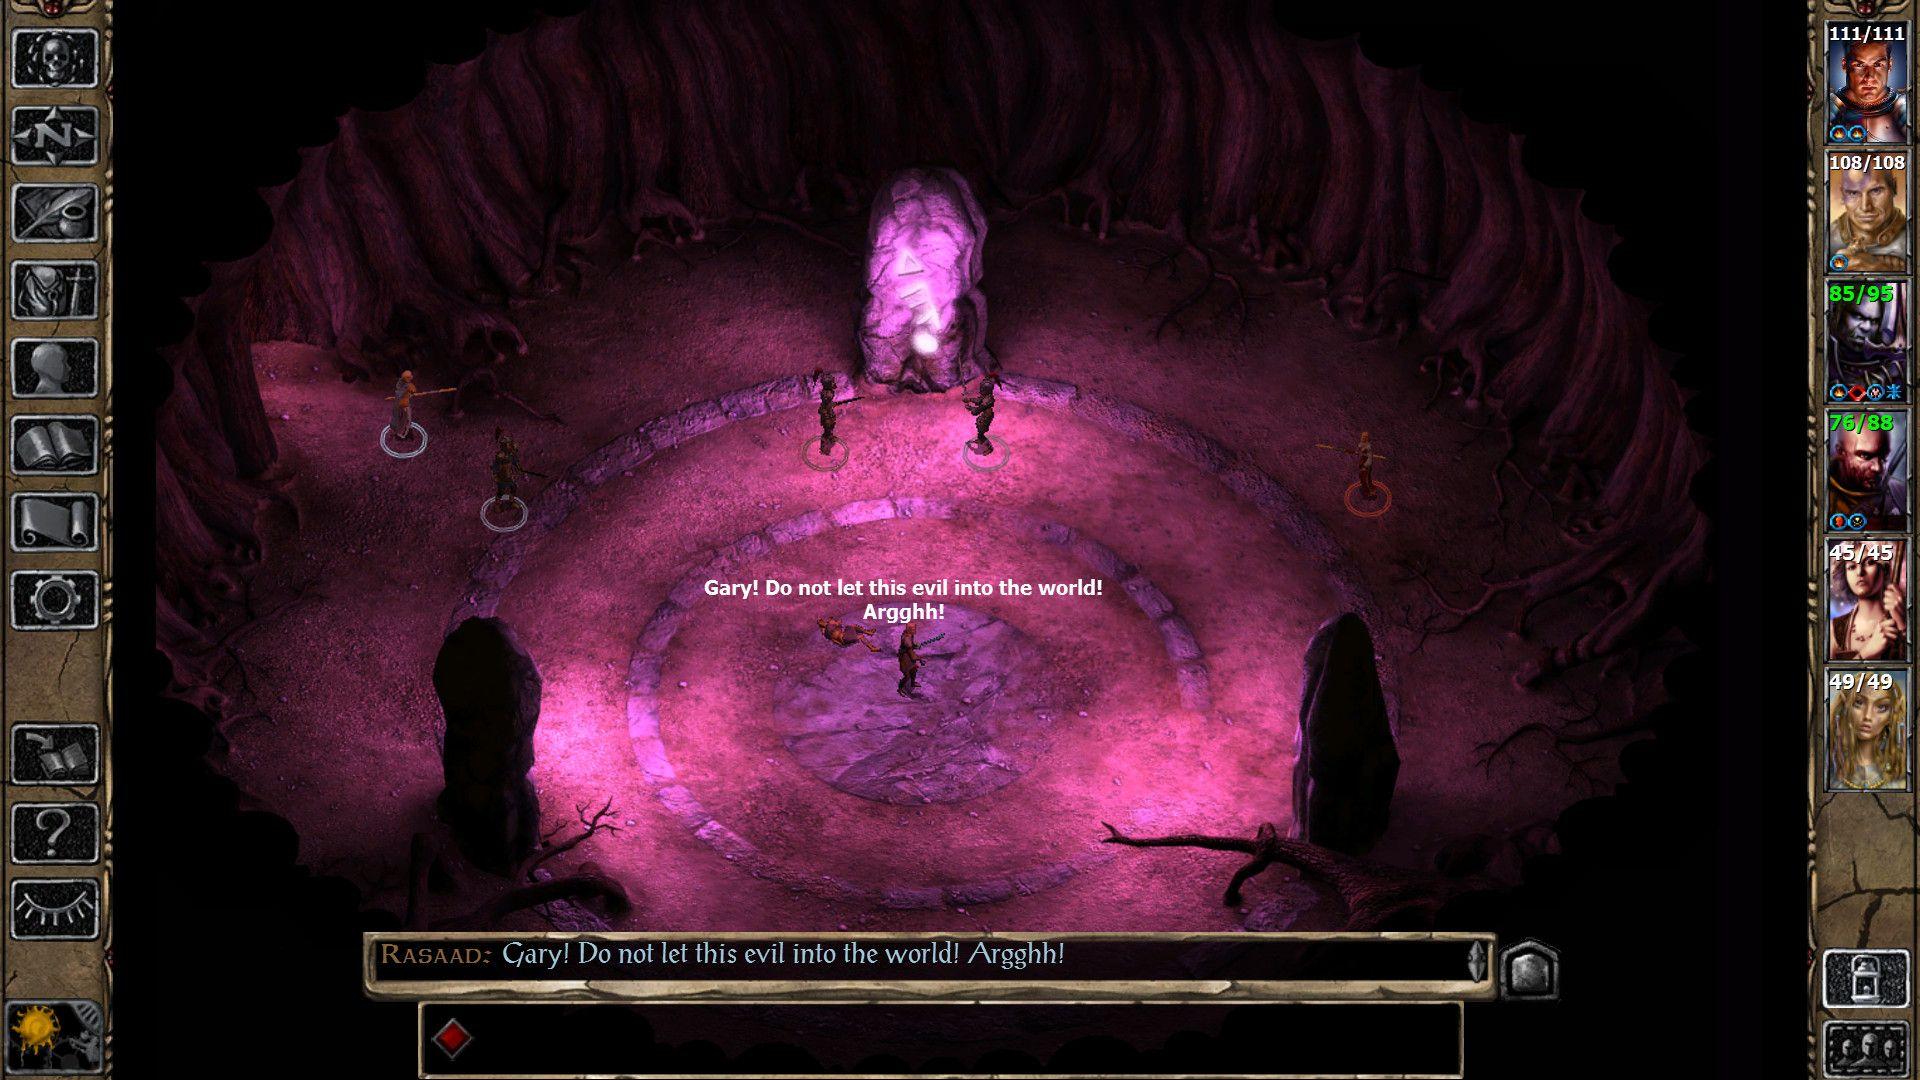 Baldurs Gate - Enhanced Edition (PC) - 8